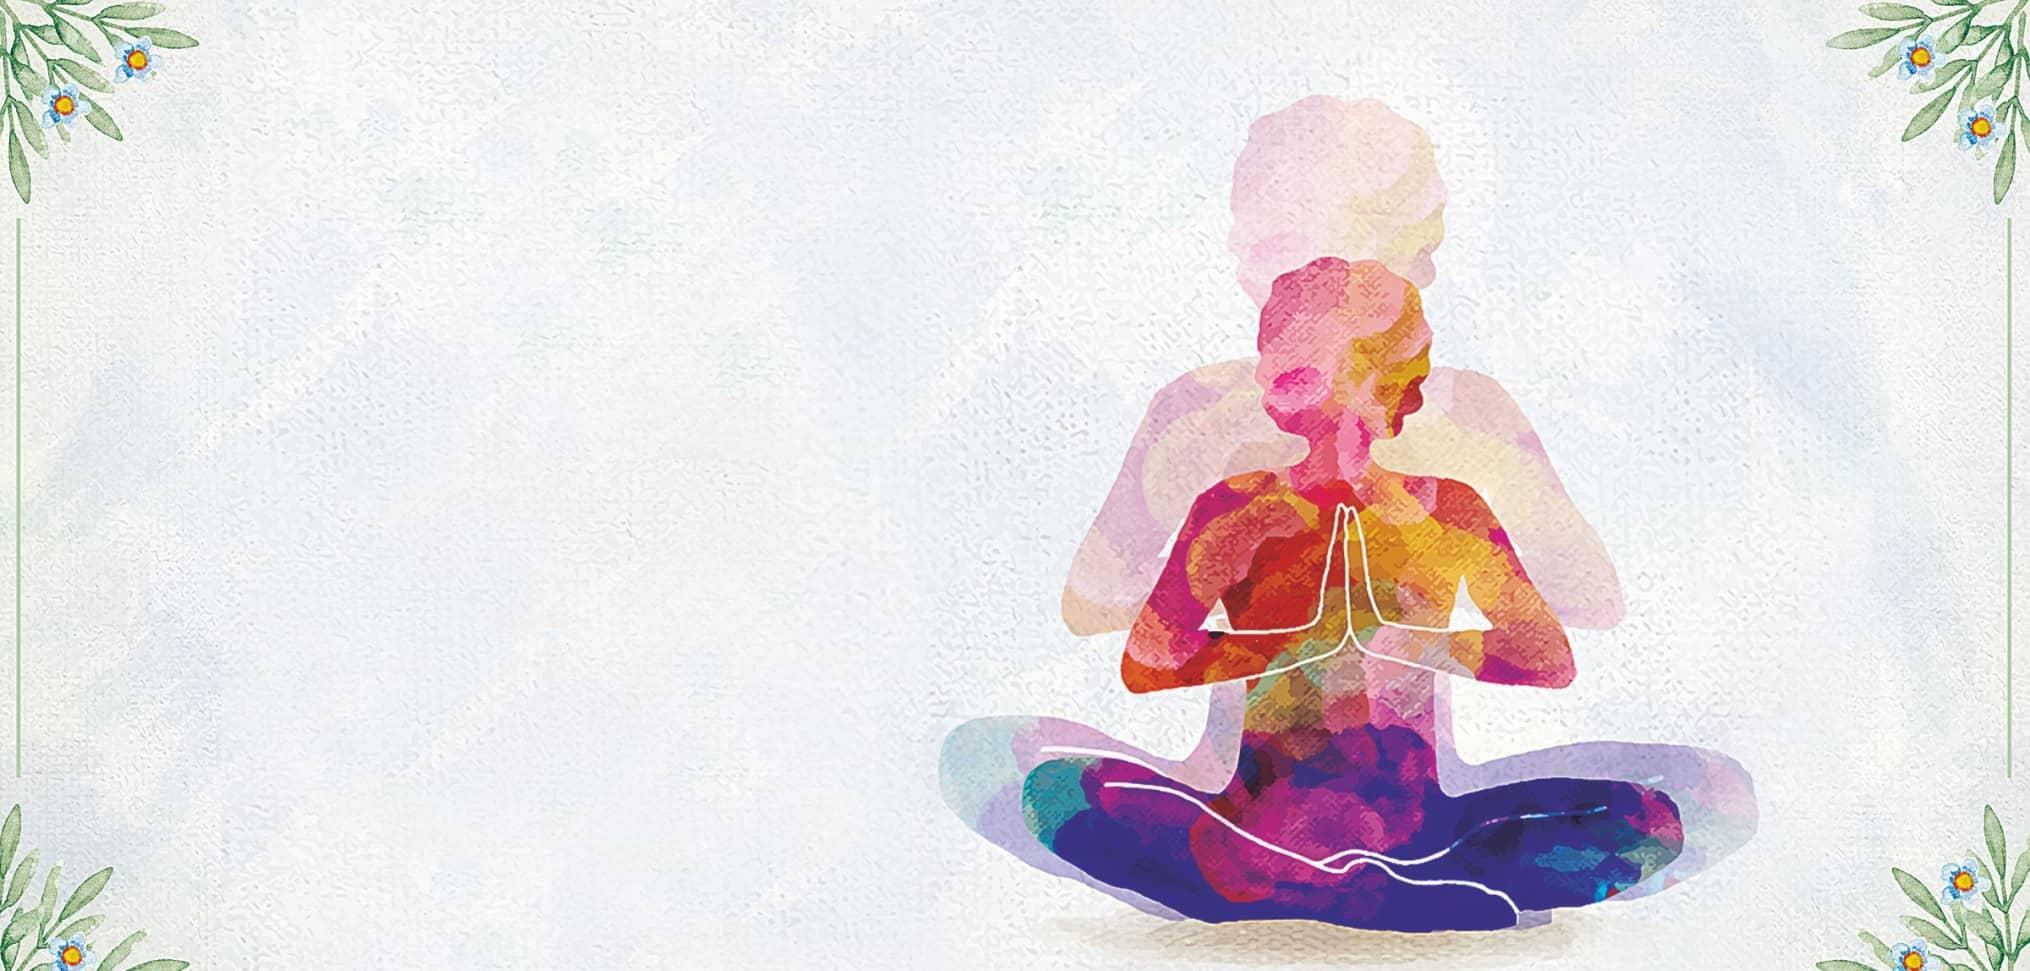 वात व्याधि में लाभदायी योगासन